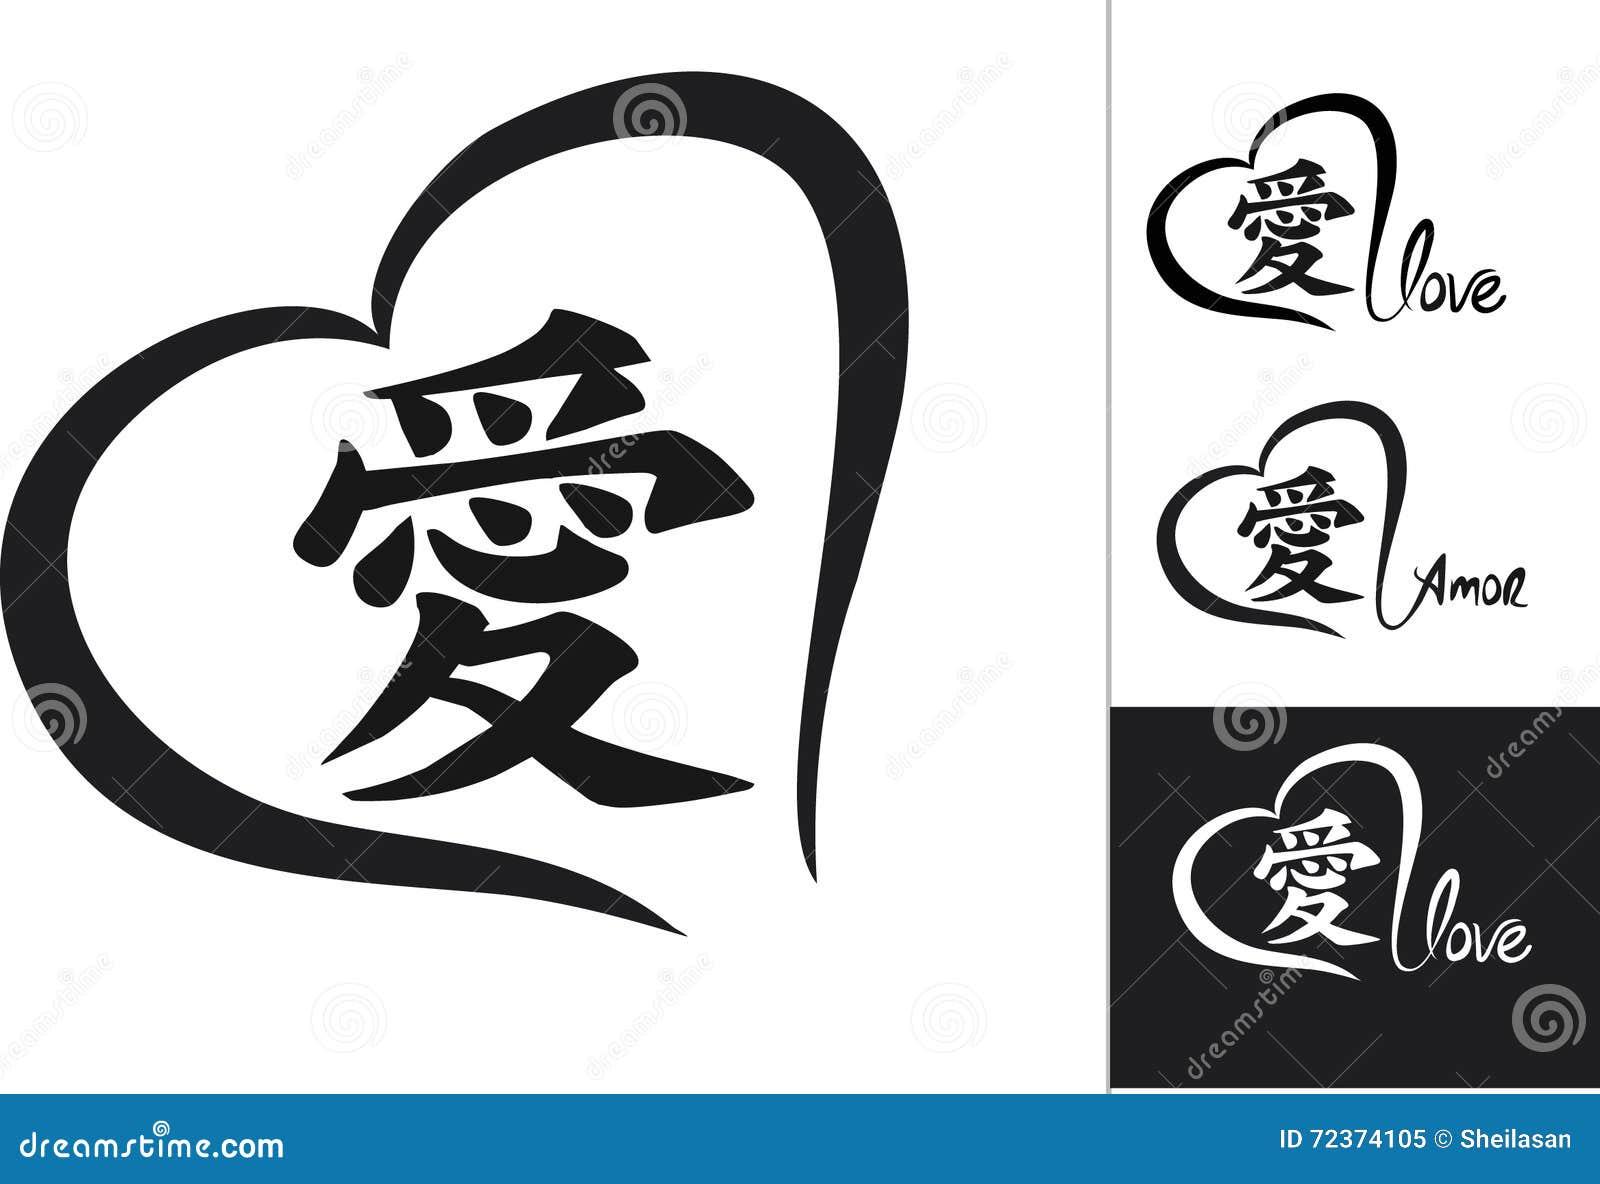 kandschisymbol f r liebe auf japanisch vektor abbildung bild 72374105. Black Bedroom Furniture Sets. Home Design Ideas